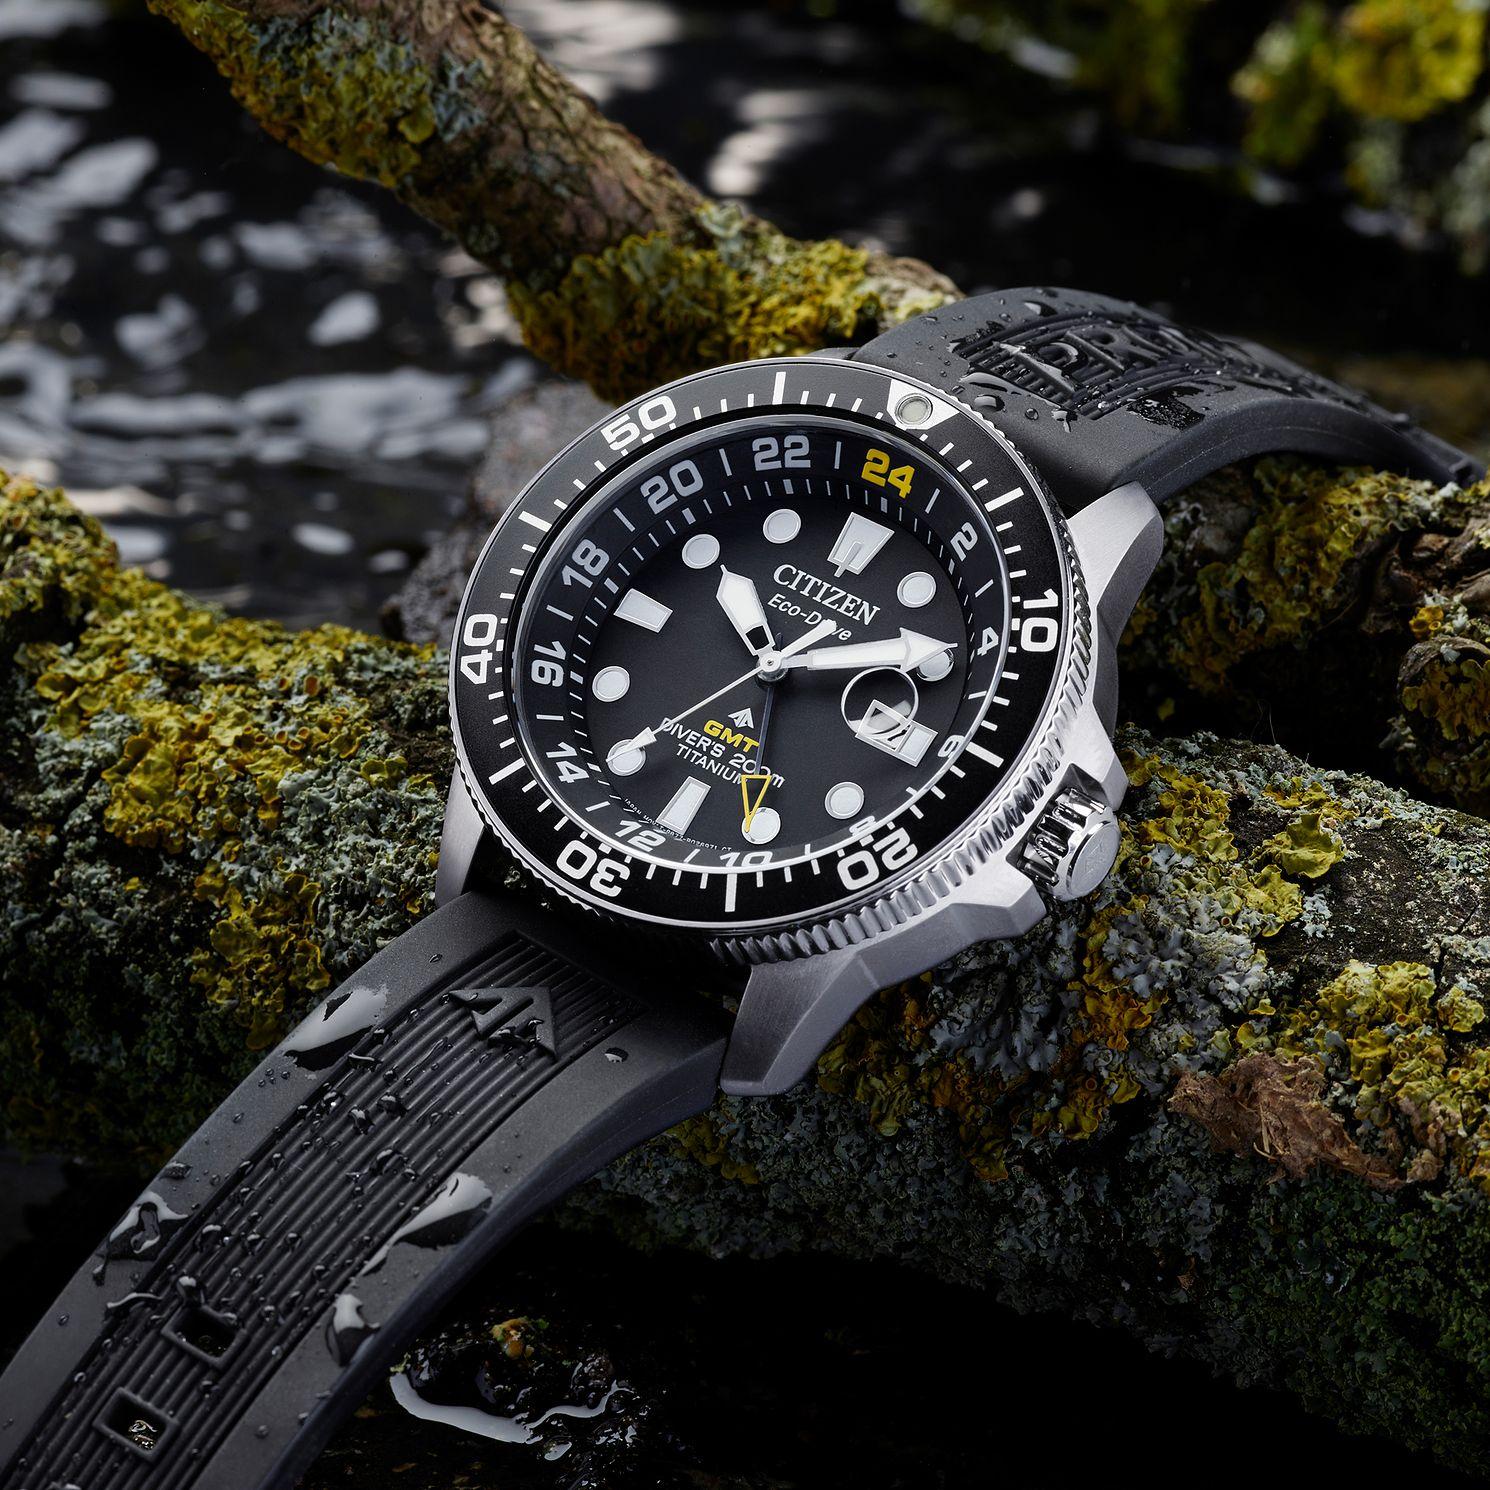 Citizen's new Super Titanium Promaster Diver GMT CITIZEN+Promaster+Diver+GMT+SUPER+TITANIUM+02